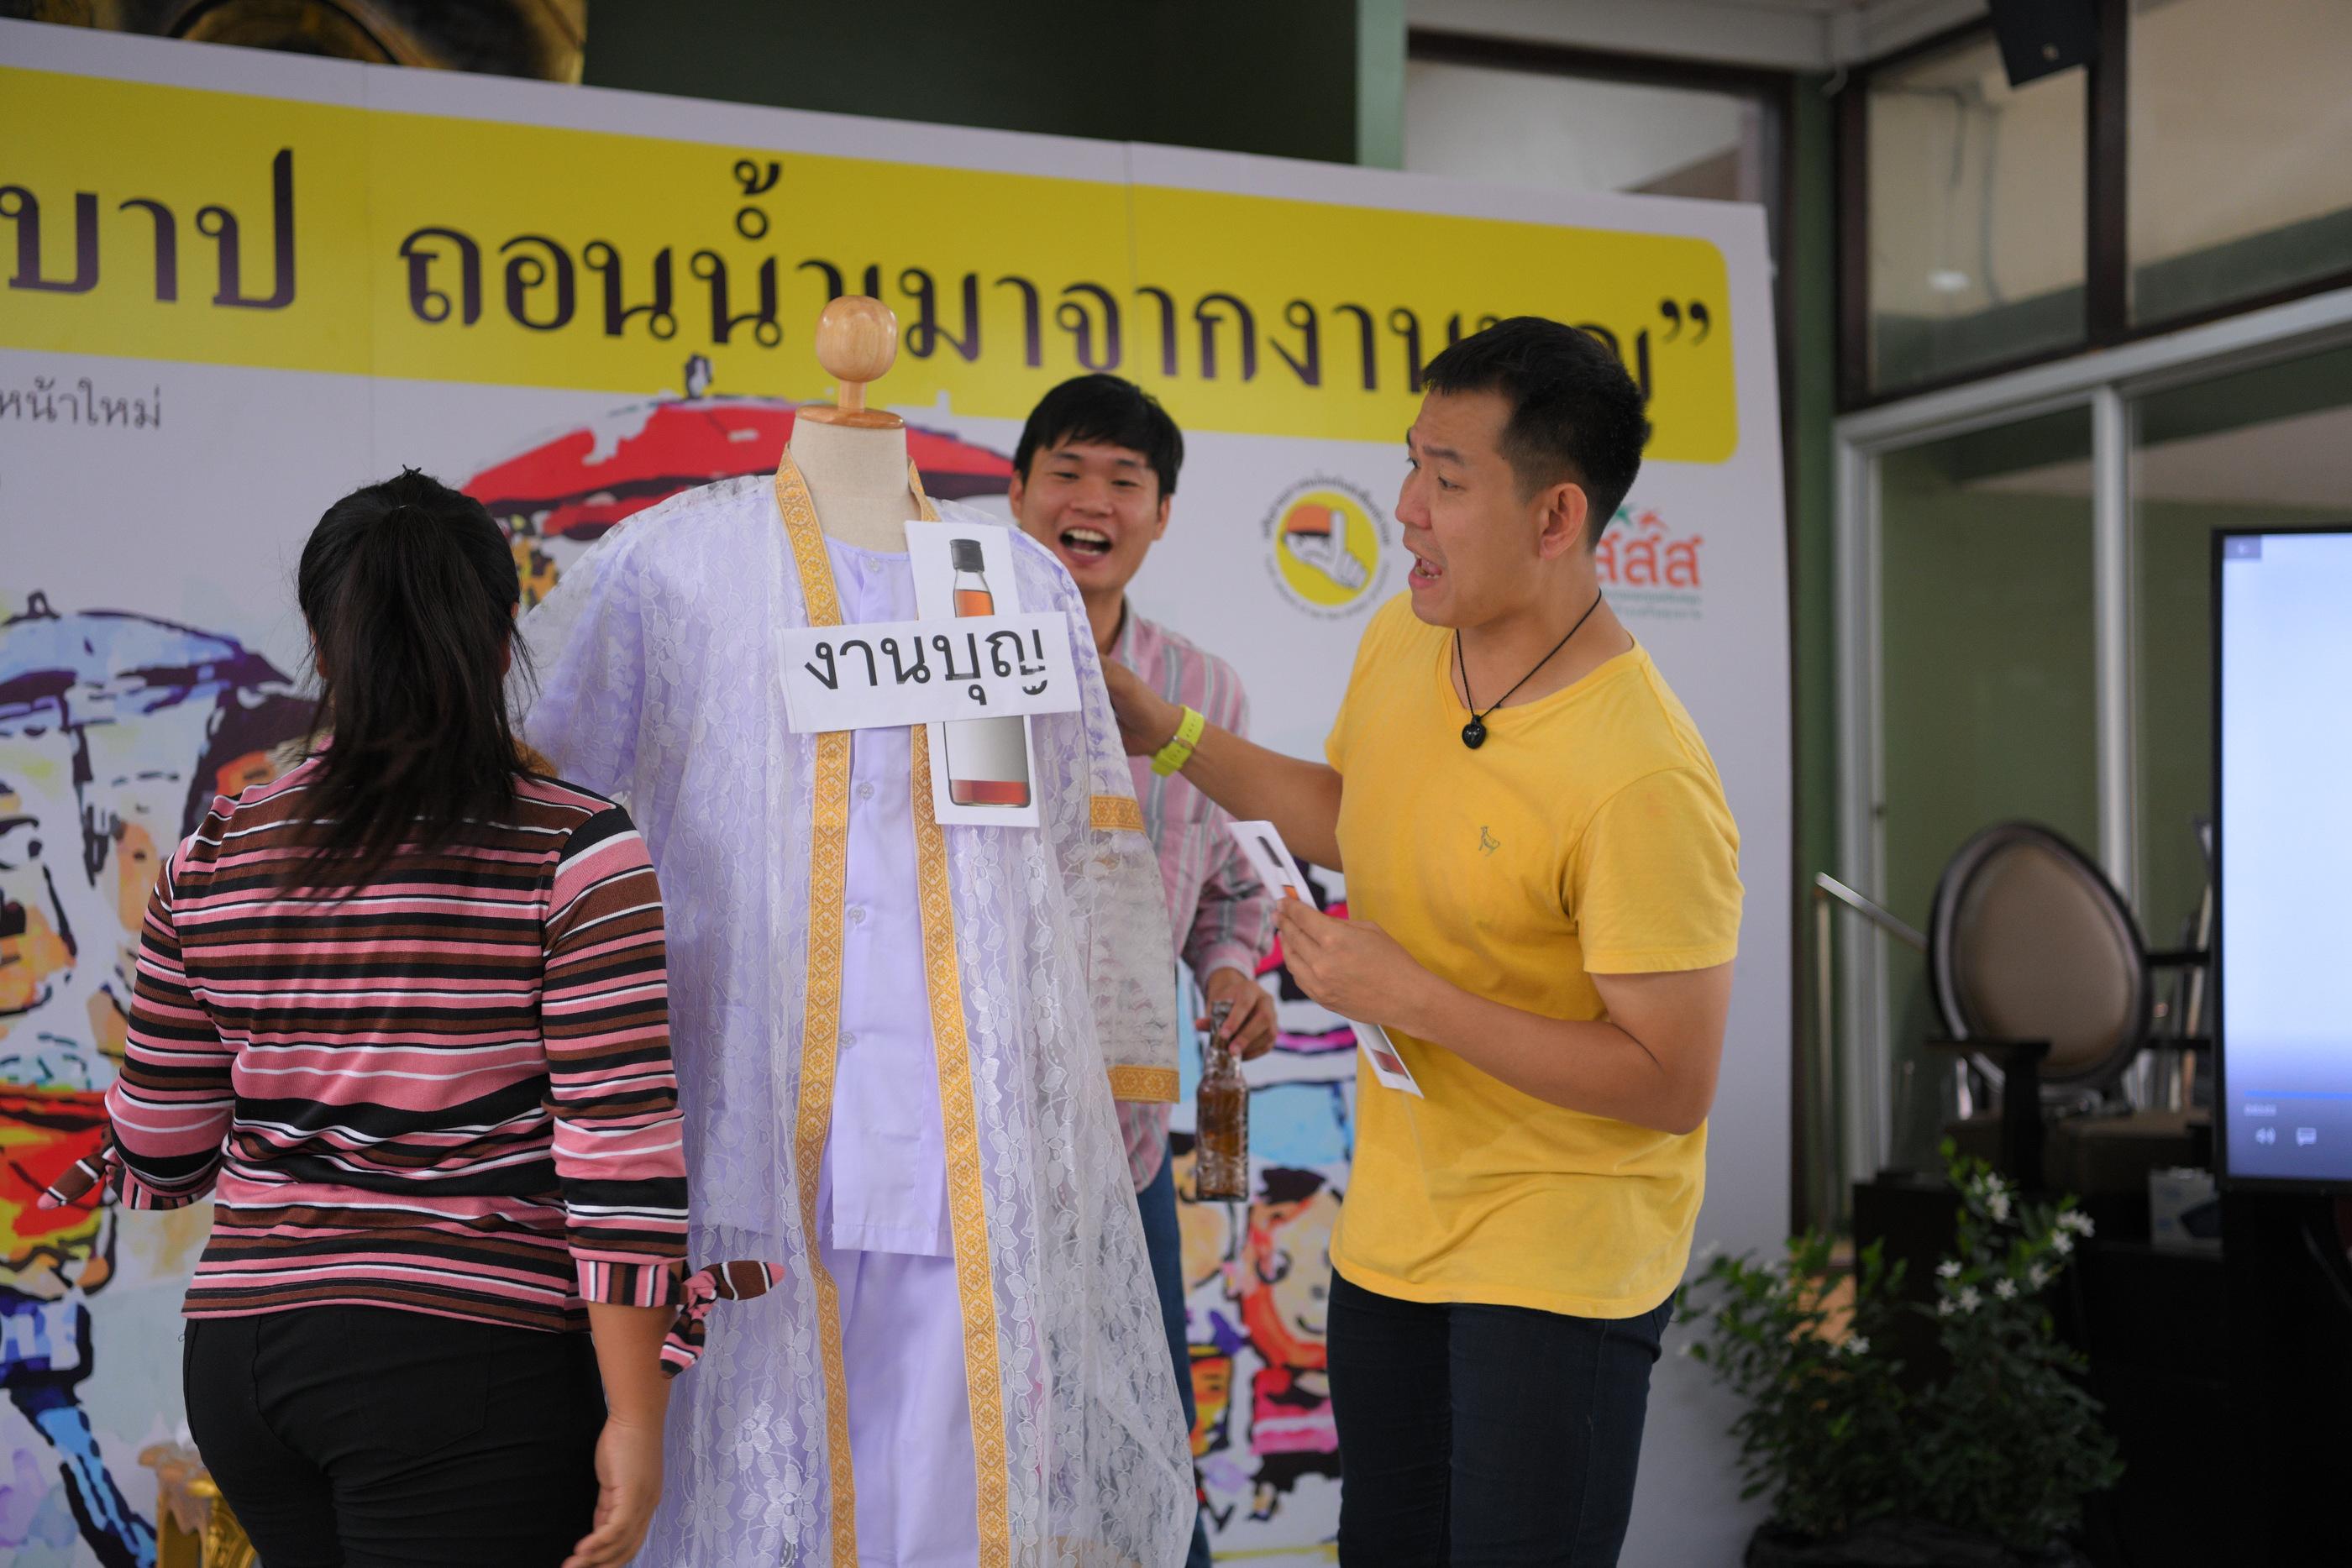 รองสำนักพุทธฯ จัดระเบียบ งานบวชปลอดเหล้า-งดอบายมุข thaihealth